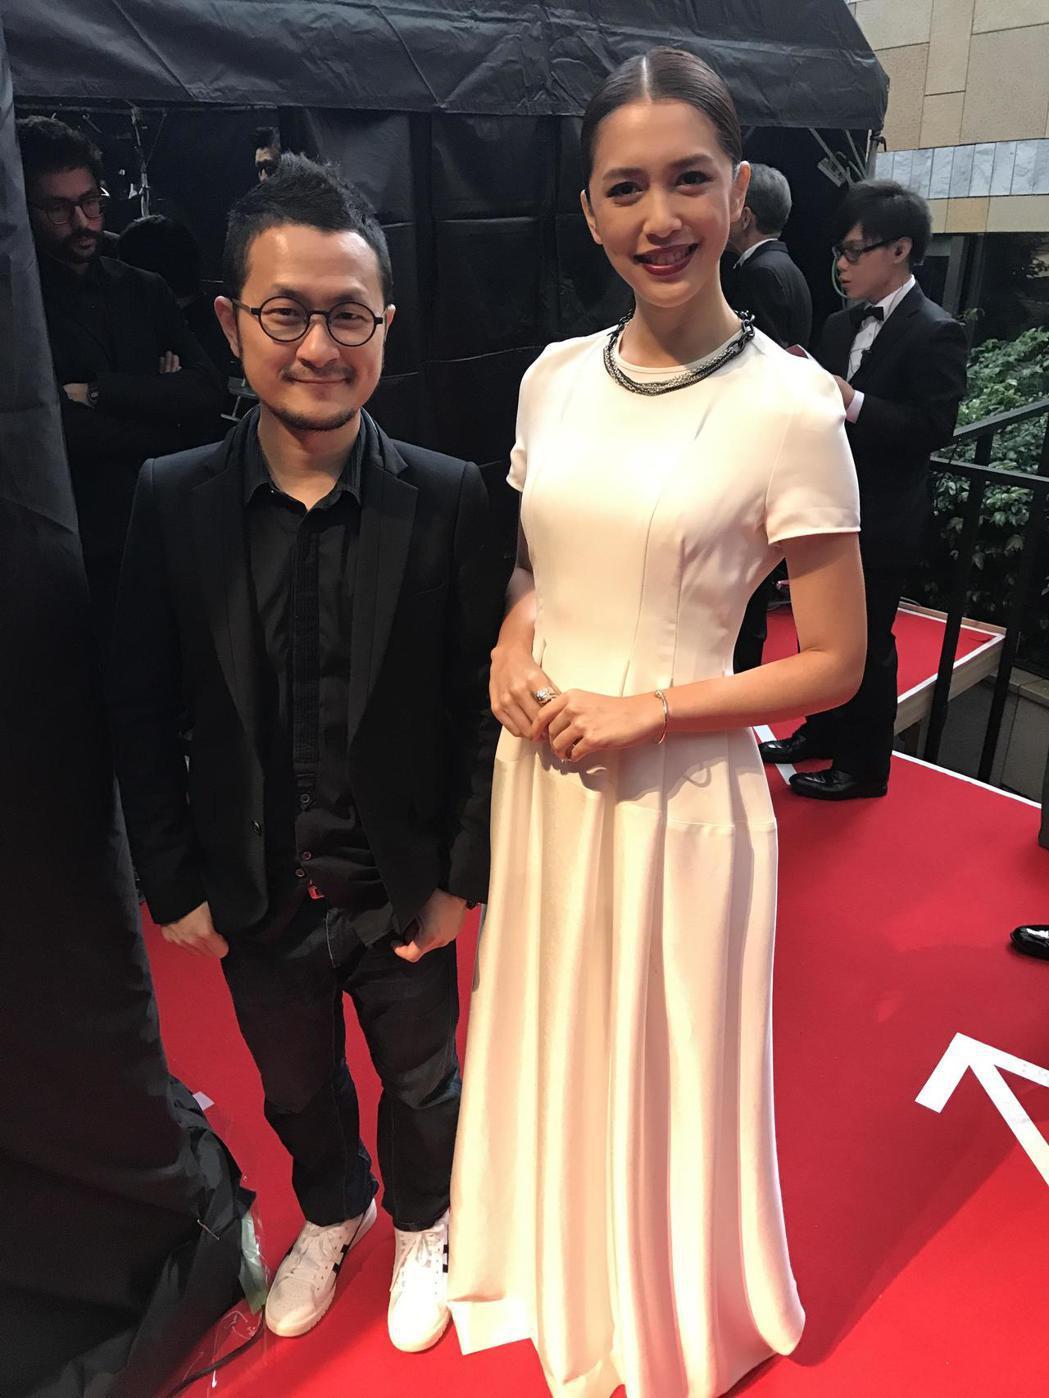 導演九把刀(左)與劉奕兒出席東京影展紅毯。圖/群星瑞智提供